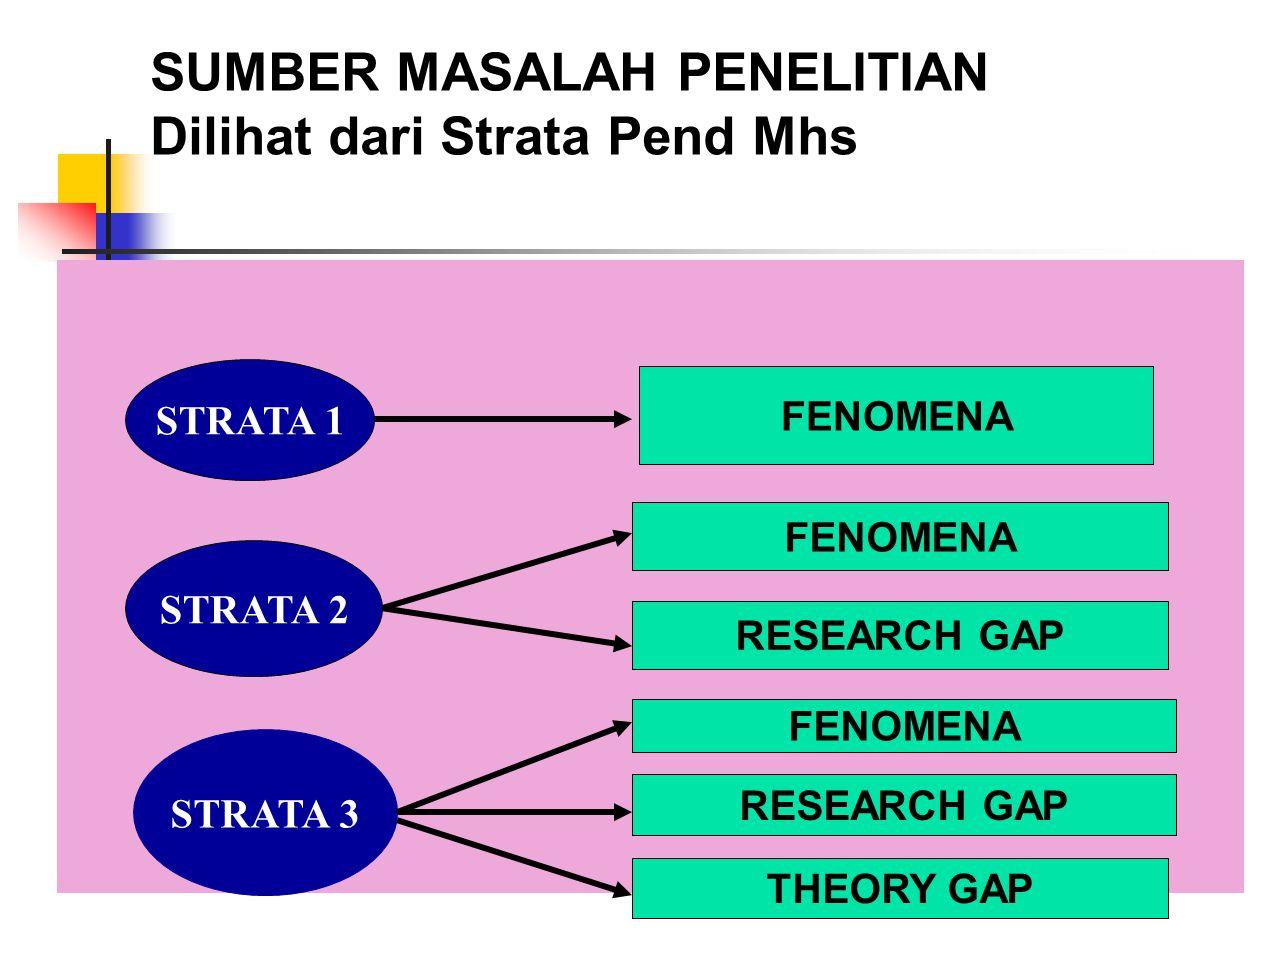 SUMBER MASALAH PENELITIAN Dilihat dari Strata Pend Mhs STRATA 1 STRATA 2 STRATA 3 FENOMENA RESEARCH GAP FENOMENA RESEARCH GAP THEORY GAP